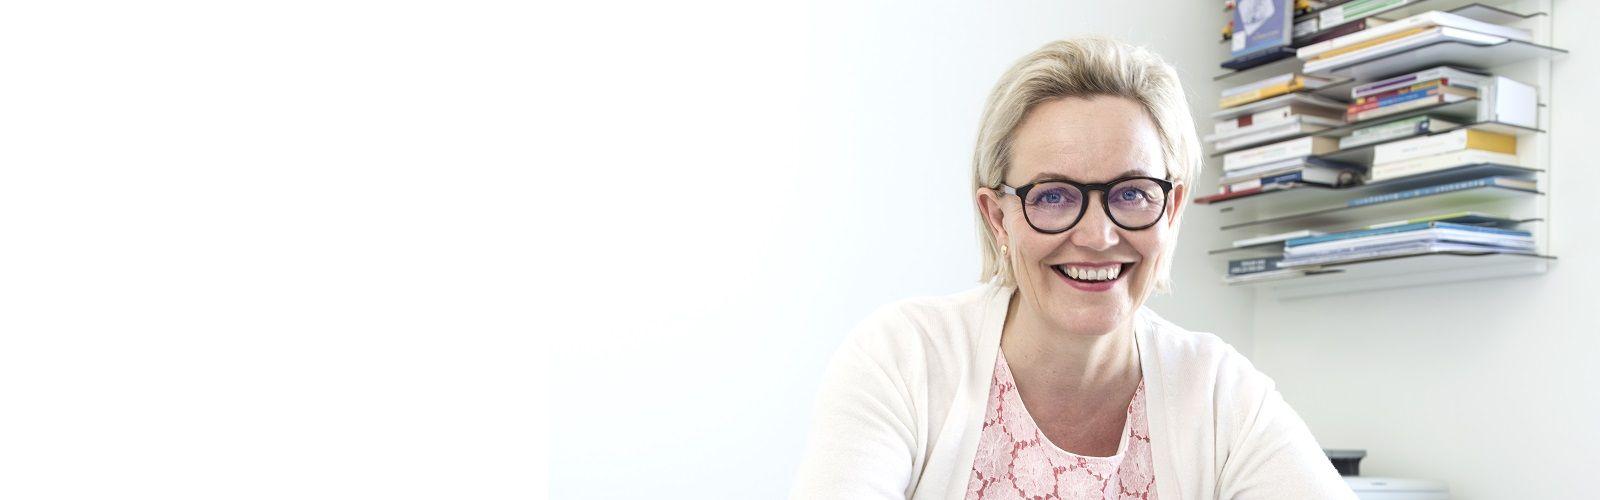 Annette Reich zur Person